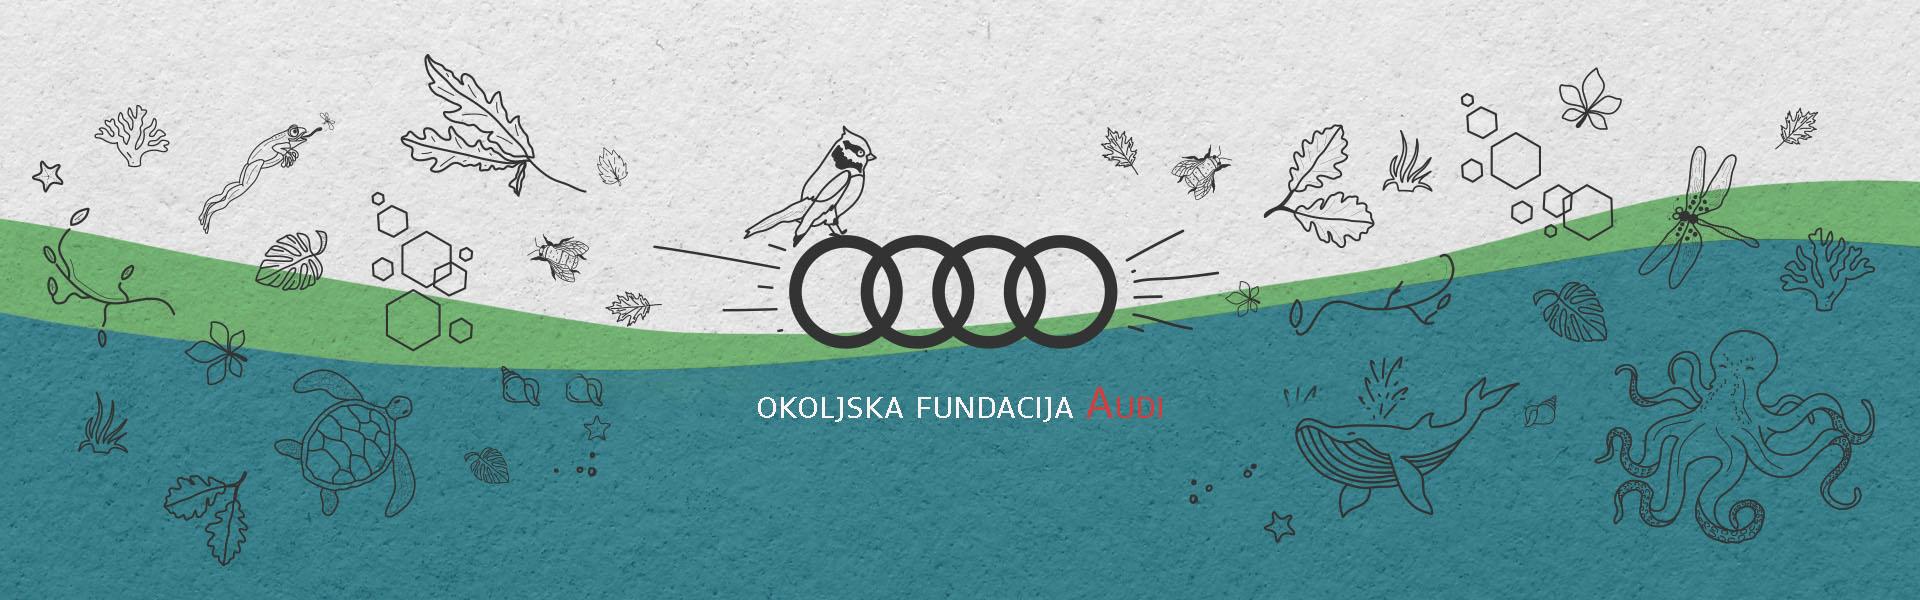 Belo, zeleno, modra slika z Audijevim logotipom in napisom Okoljska fundacija Audi